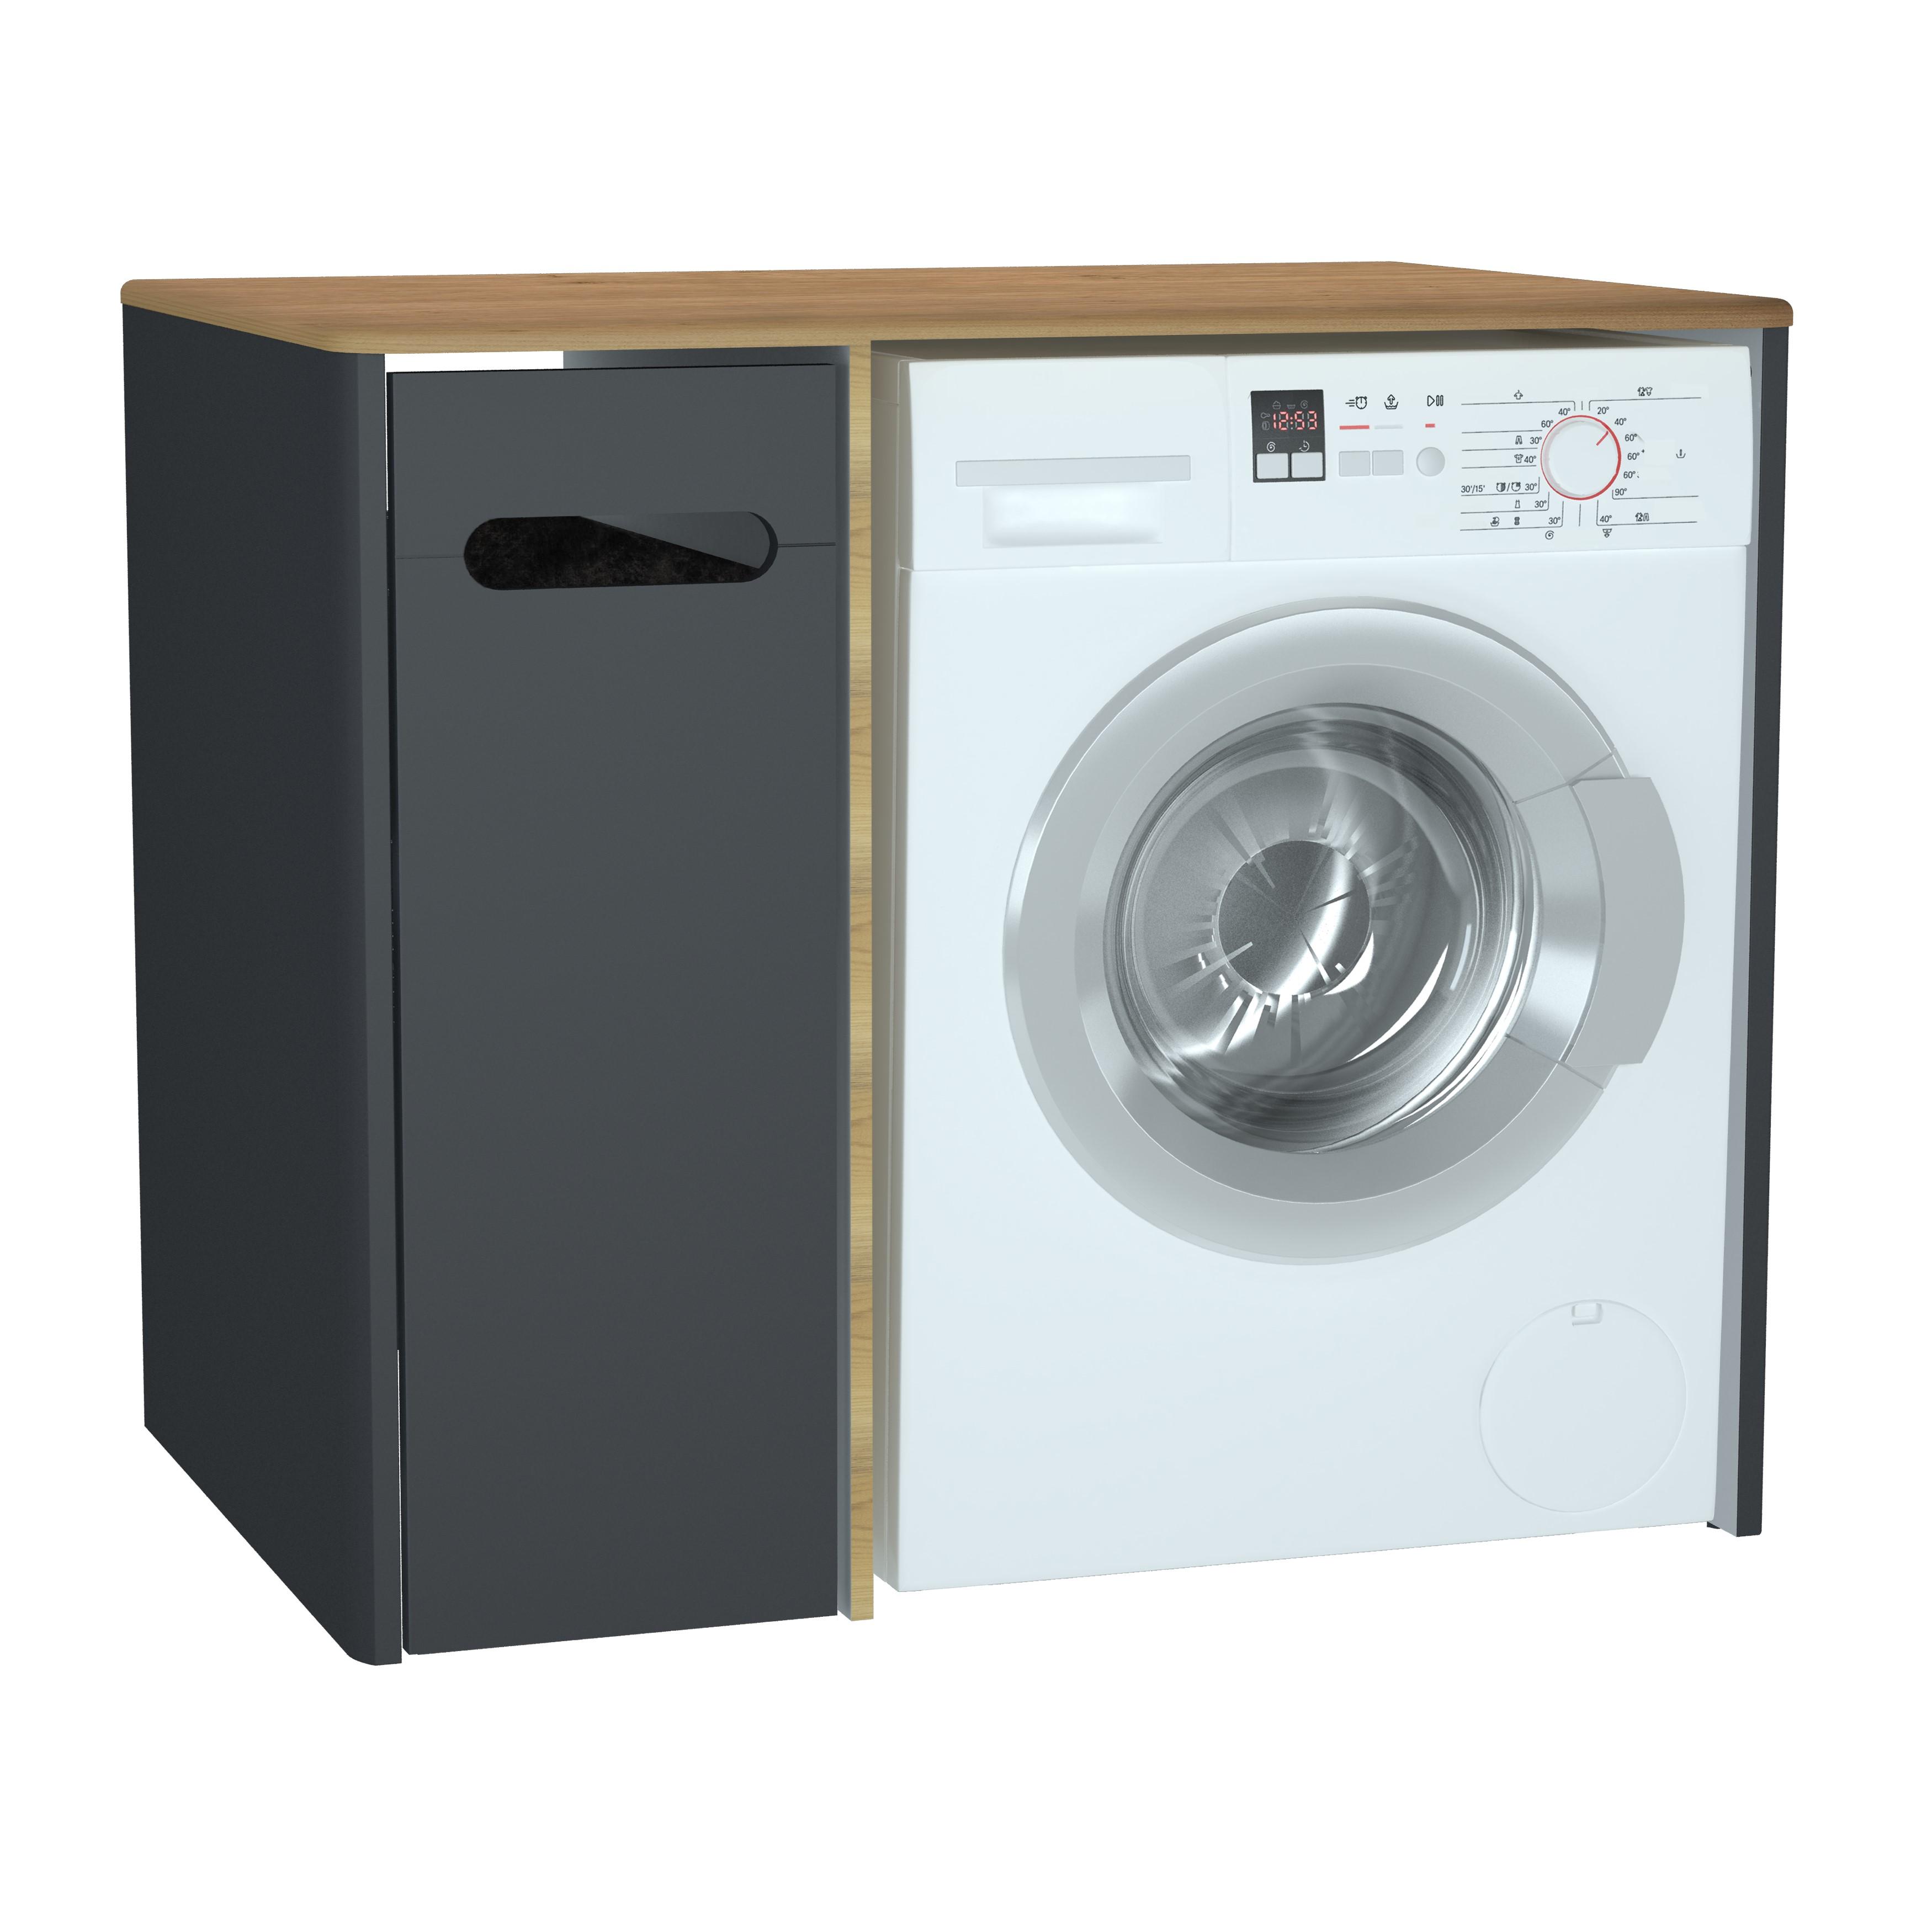 Sento unité lave-linge, 70 cm, avec corbeille à linge à gauche, anthraciteacite mat